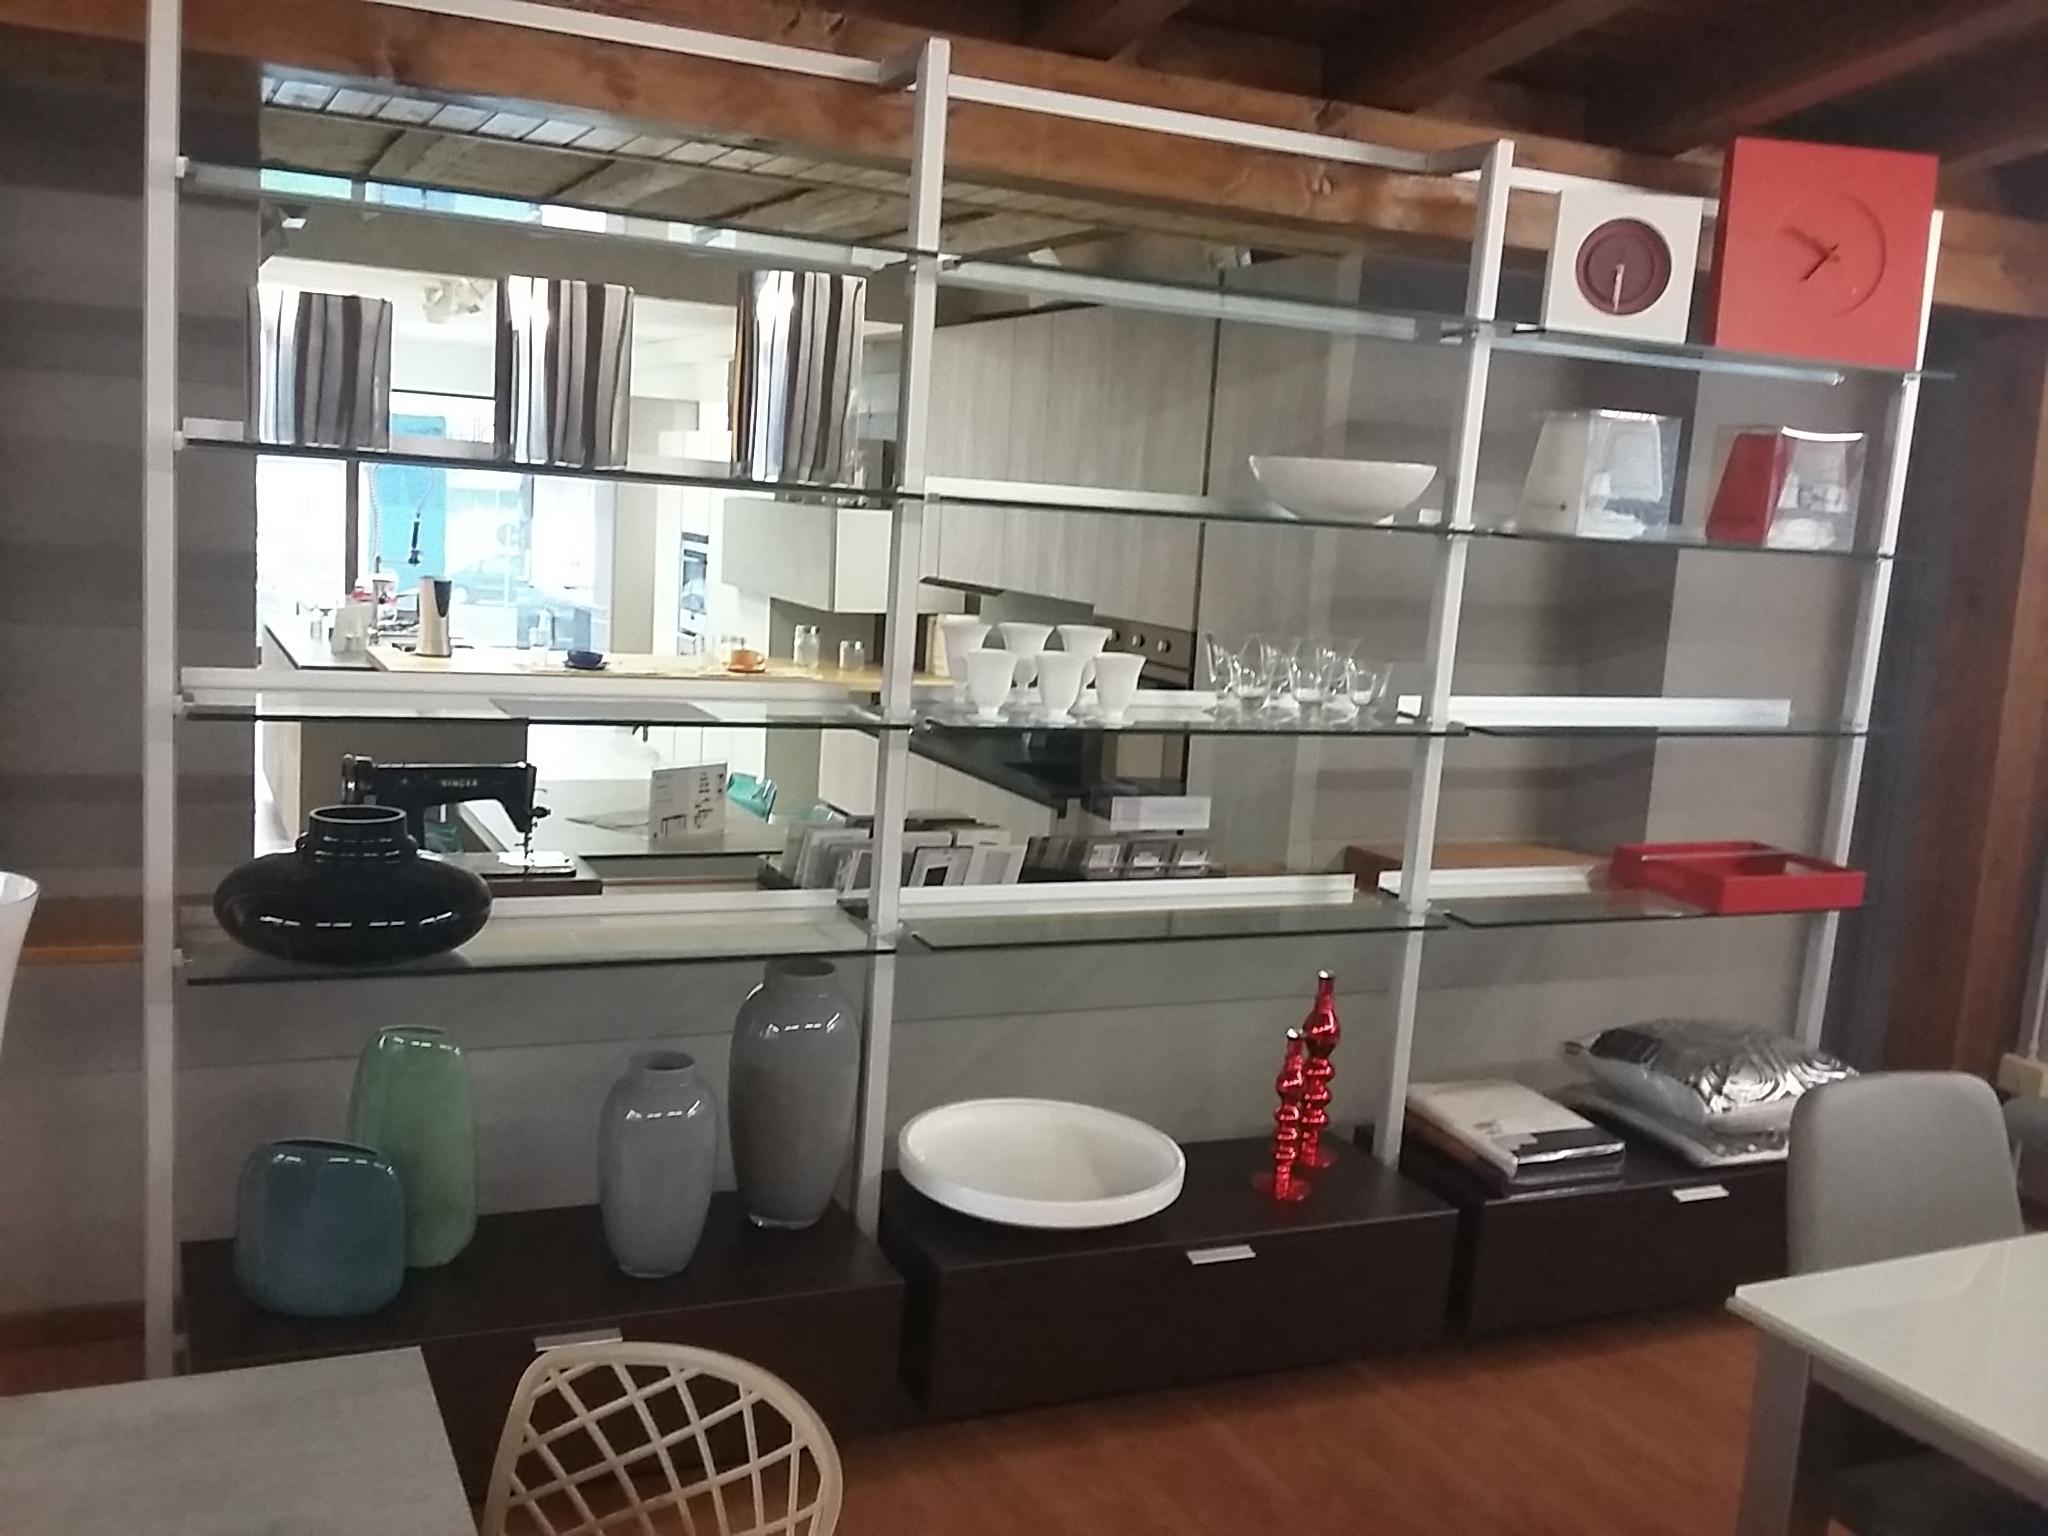 libreria calligaris modello gallery in vetro - soggiorni a prezzi ... - Soggiorno Calligaris